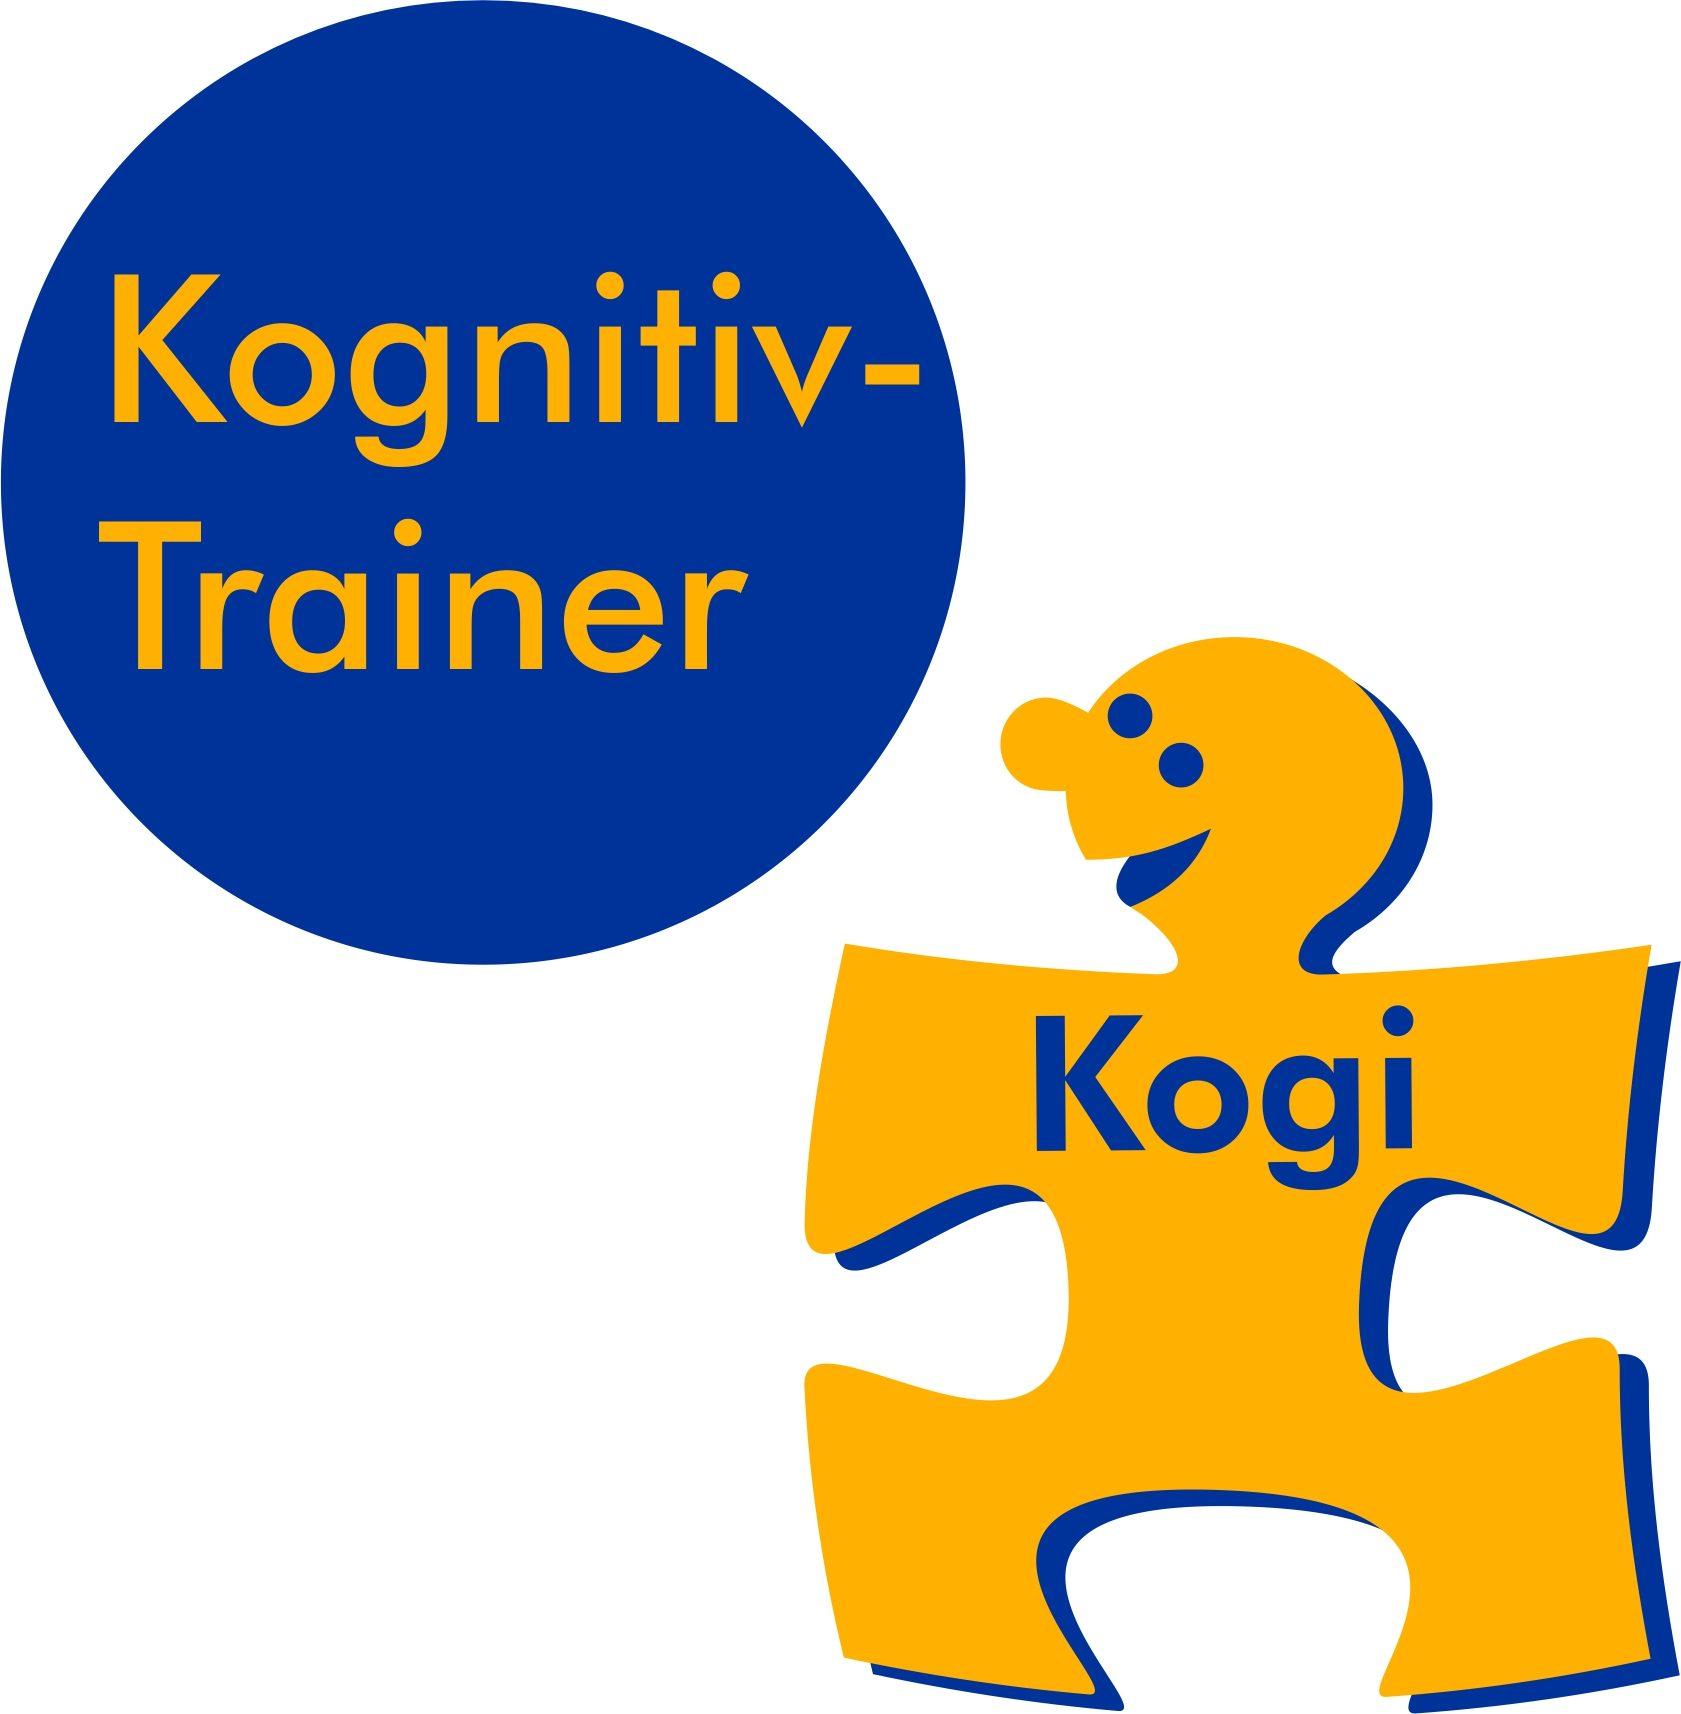 Kognitiv-Trainer